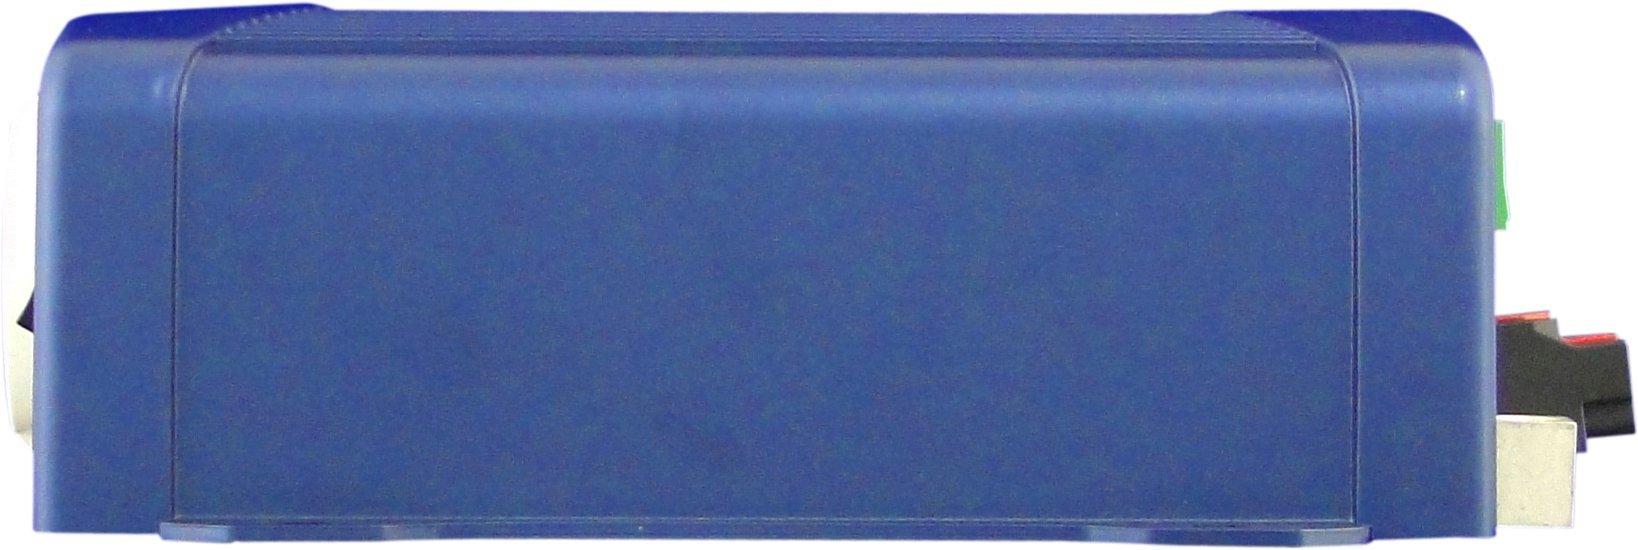 Sinus-Spannungswandler-Cotek-350W-12v-220v-von-Adaptoo